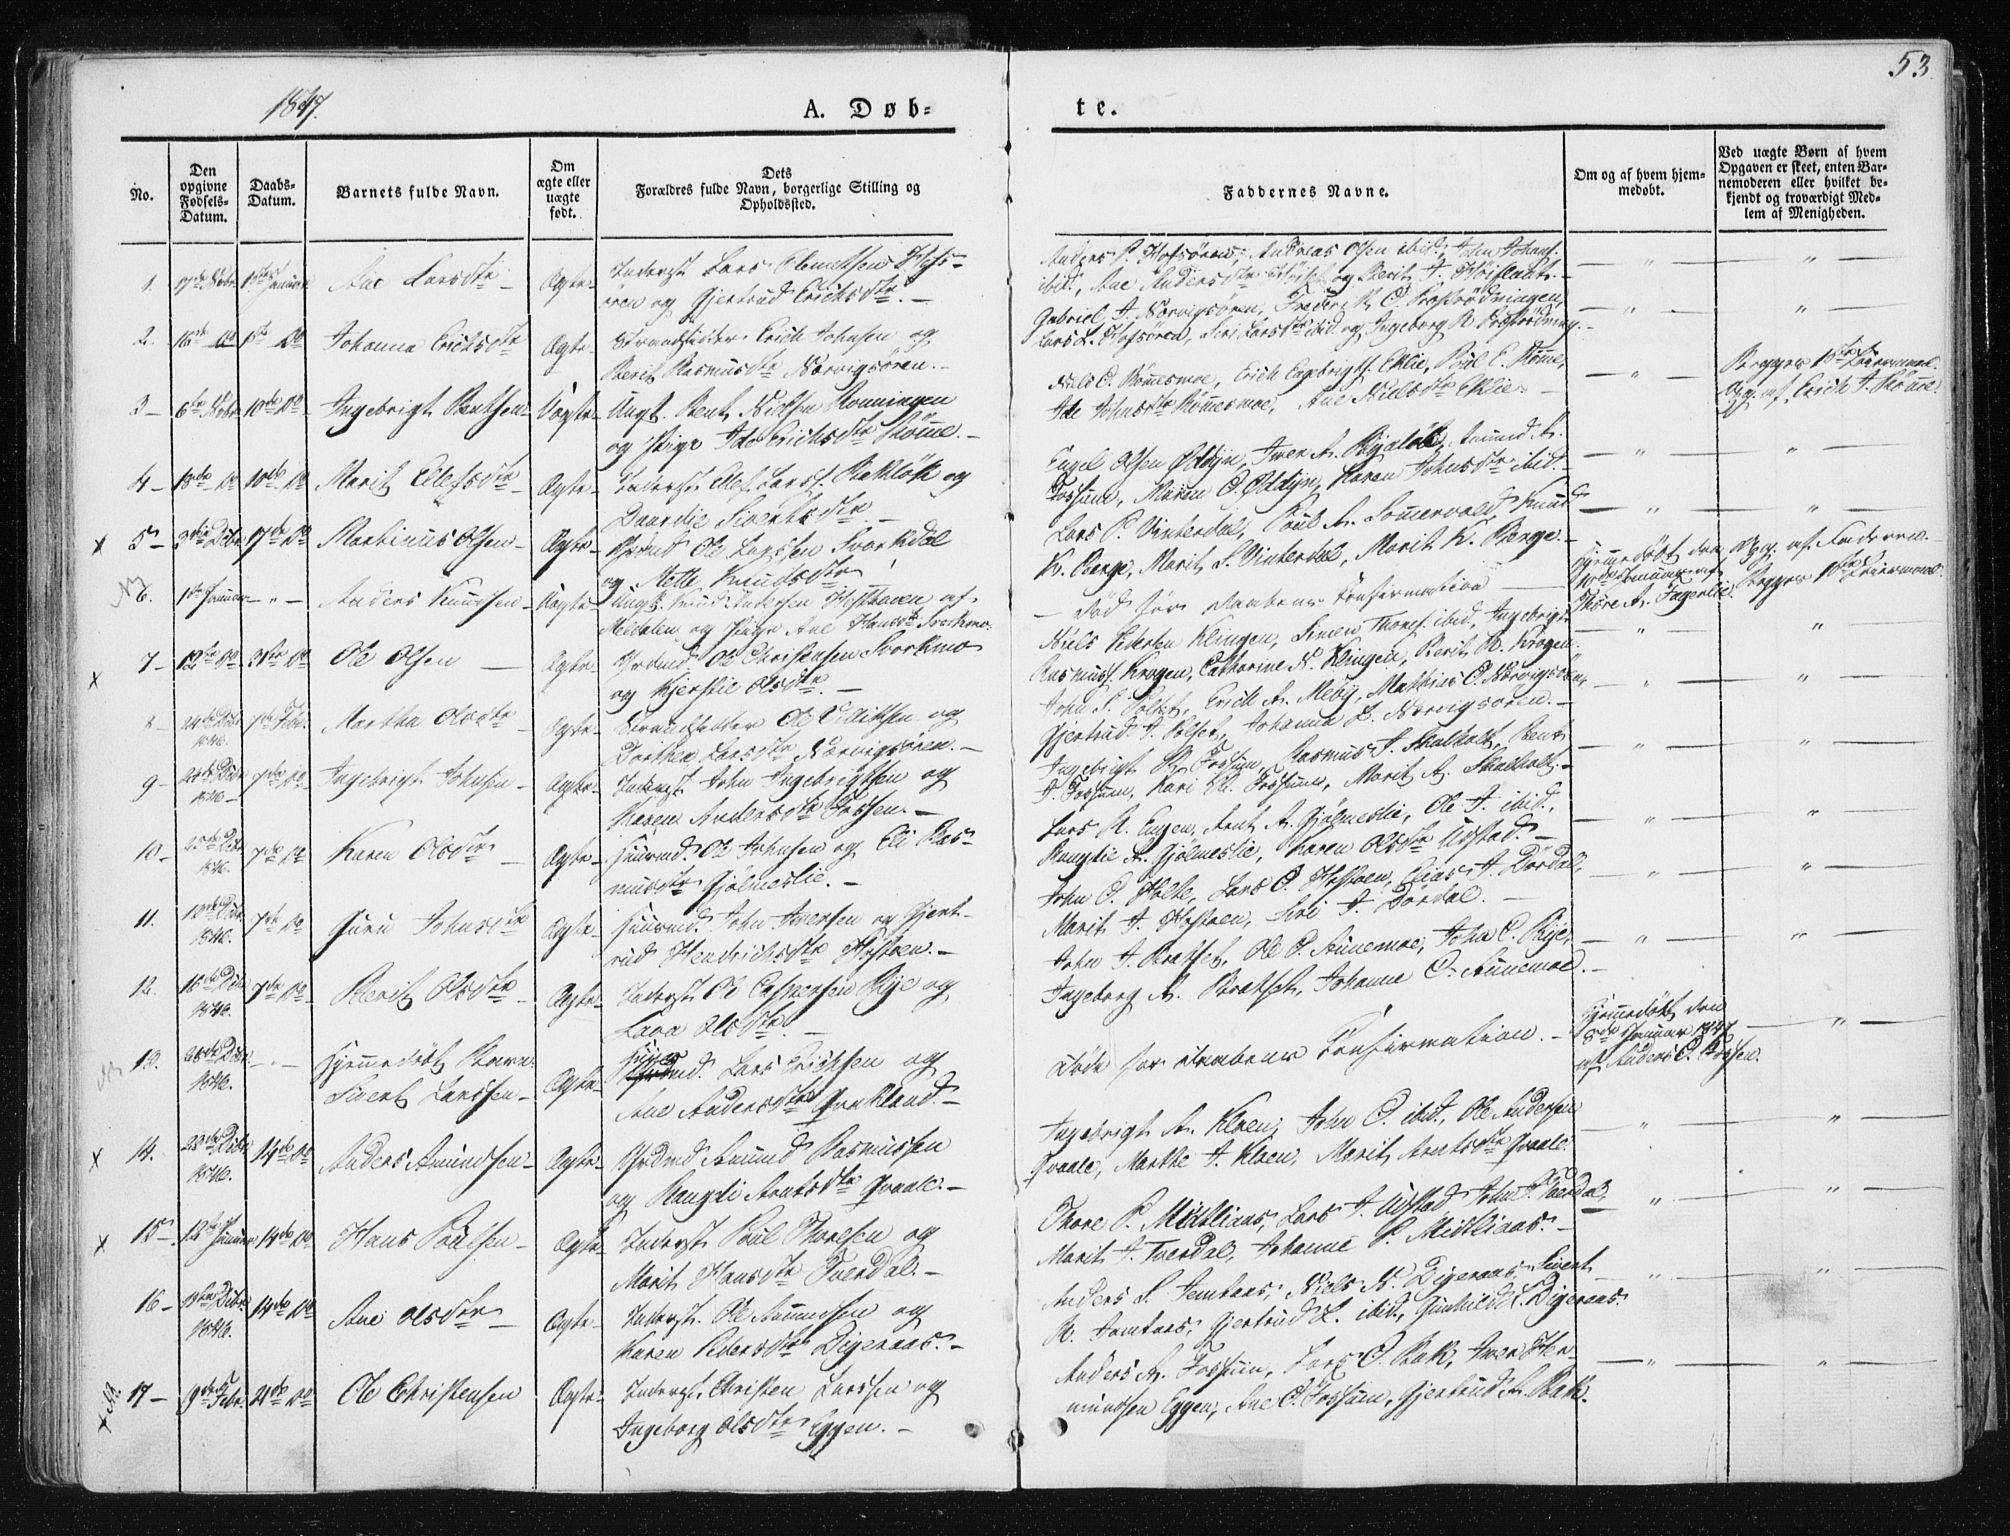 SAT, Ministerialprotokoller, klokkerbøker og fødselsregistre - Sør-Trøndelag, 668/L0805: Ministerialbok nr. 668A05, 1840-1853, s. 53